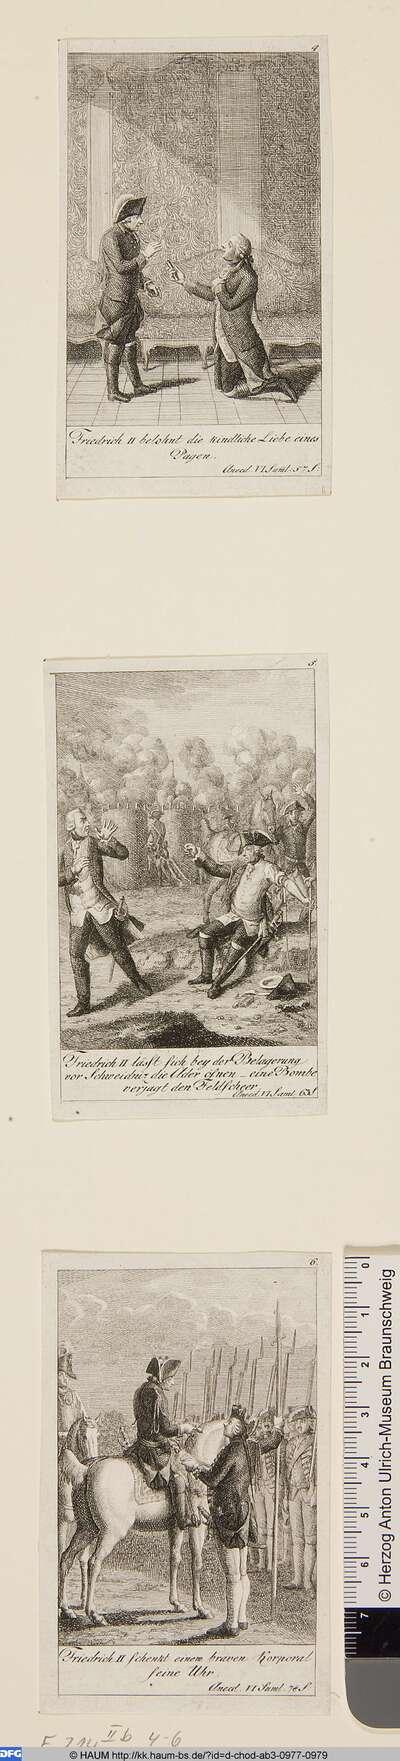 Oben: Friedrich II belohnt die kindliche Liebe eines Pagen